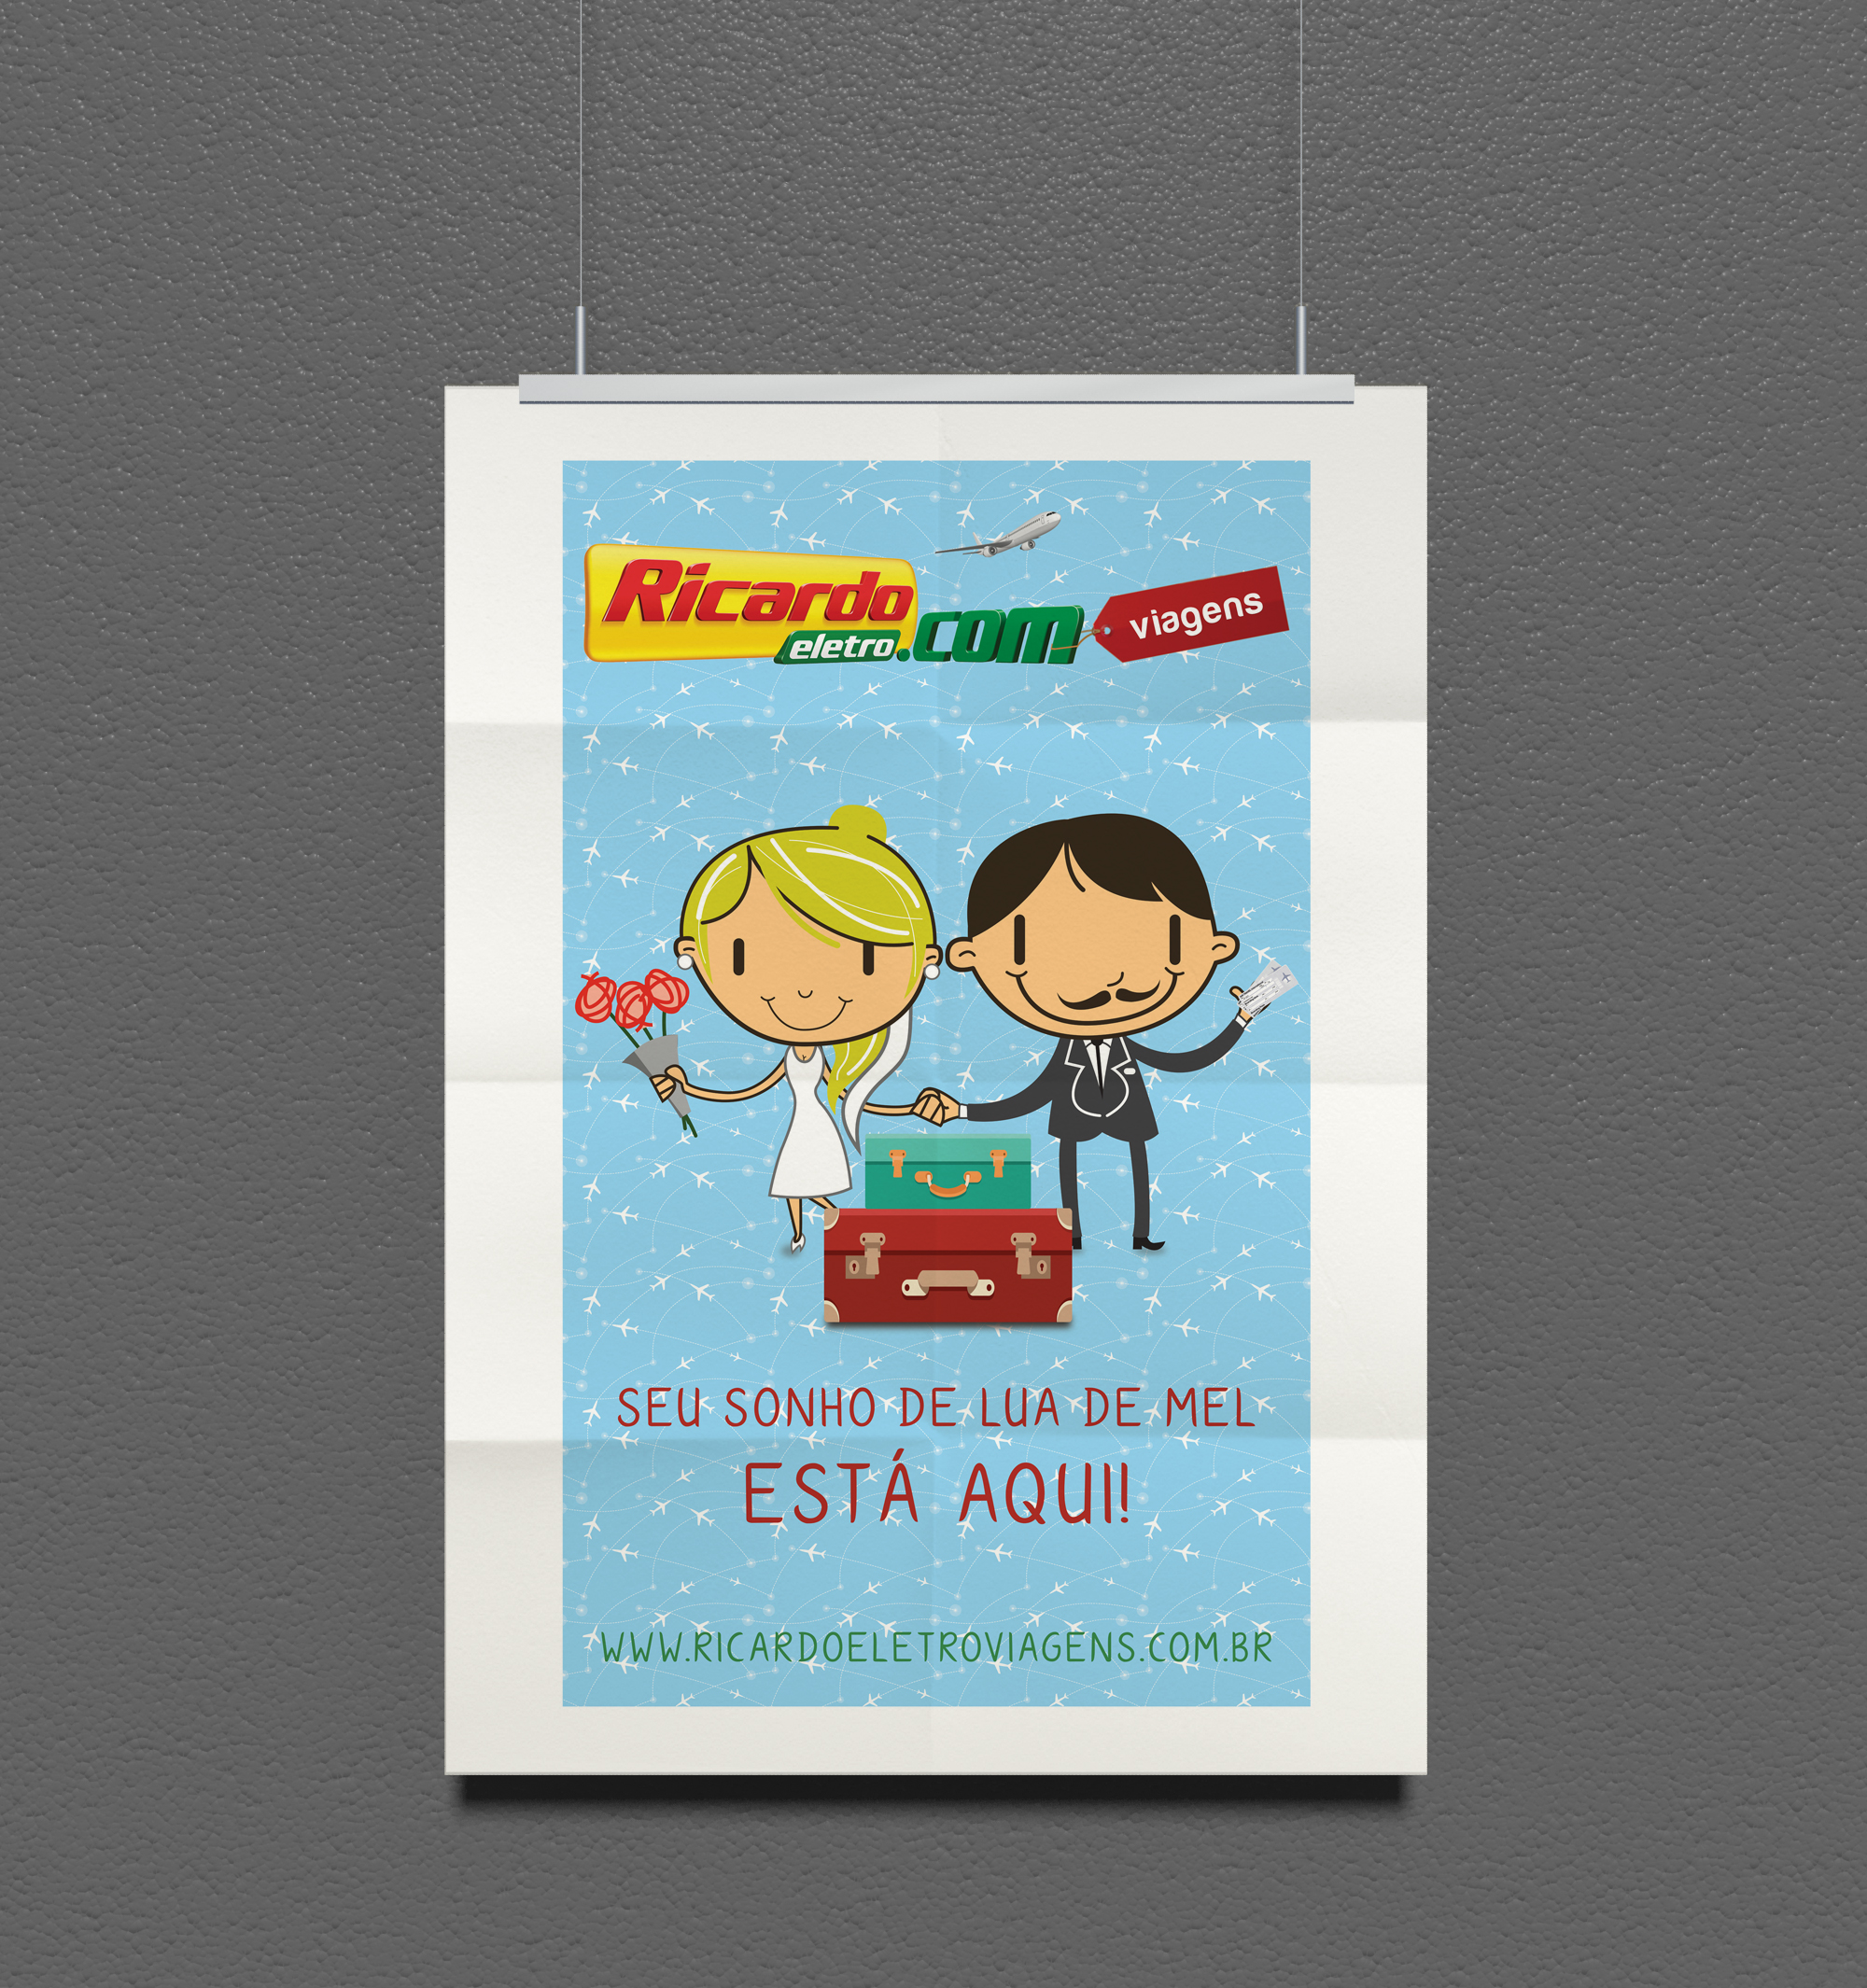 Flyer: Lista de Casamento + Ricardo Viagens